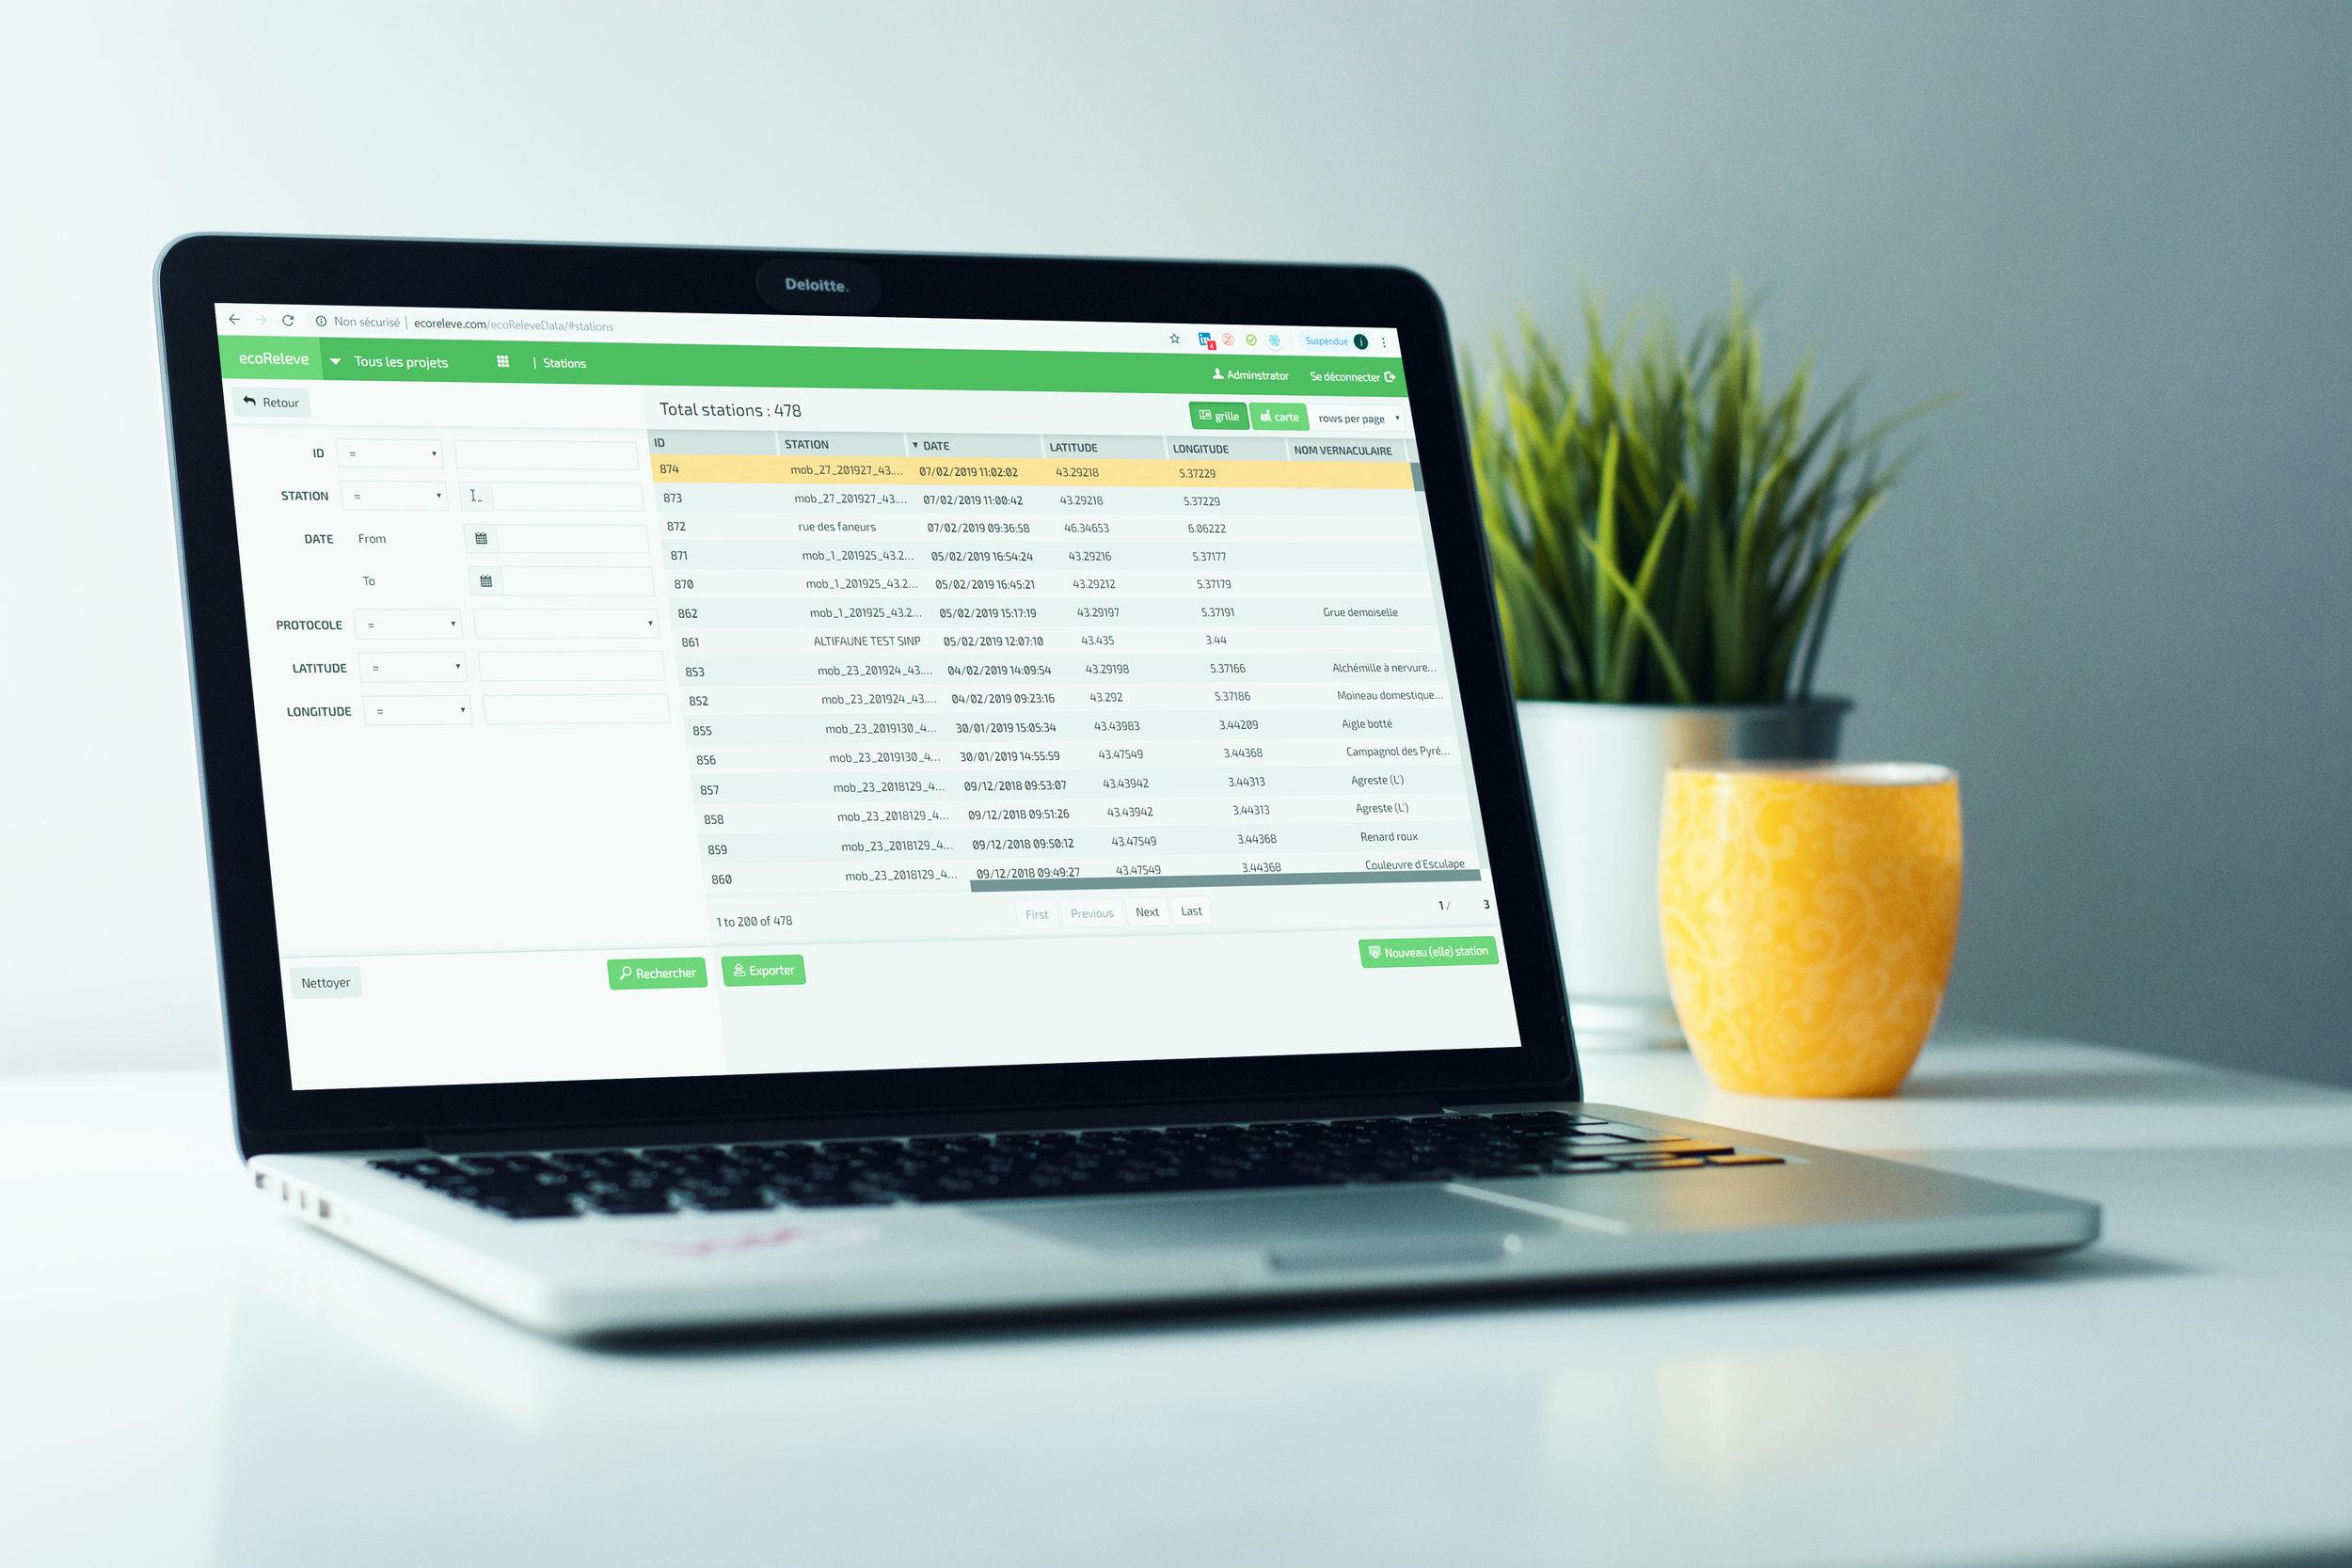 ecoRelevé desktop - Logiciel de gestion de donnée géo-référencées